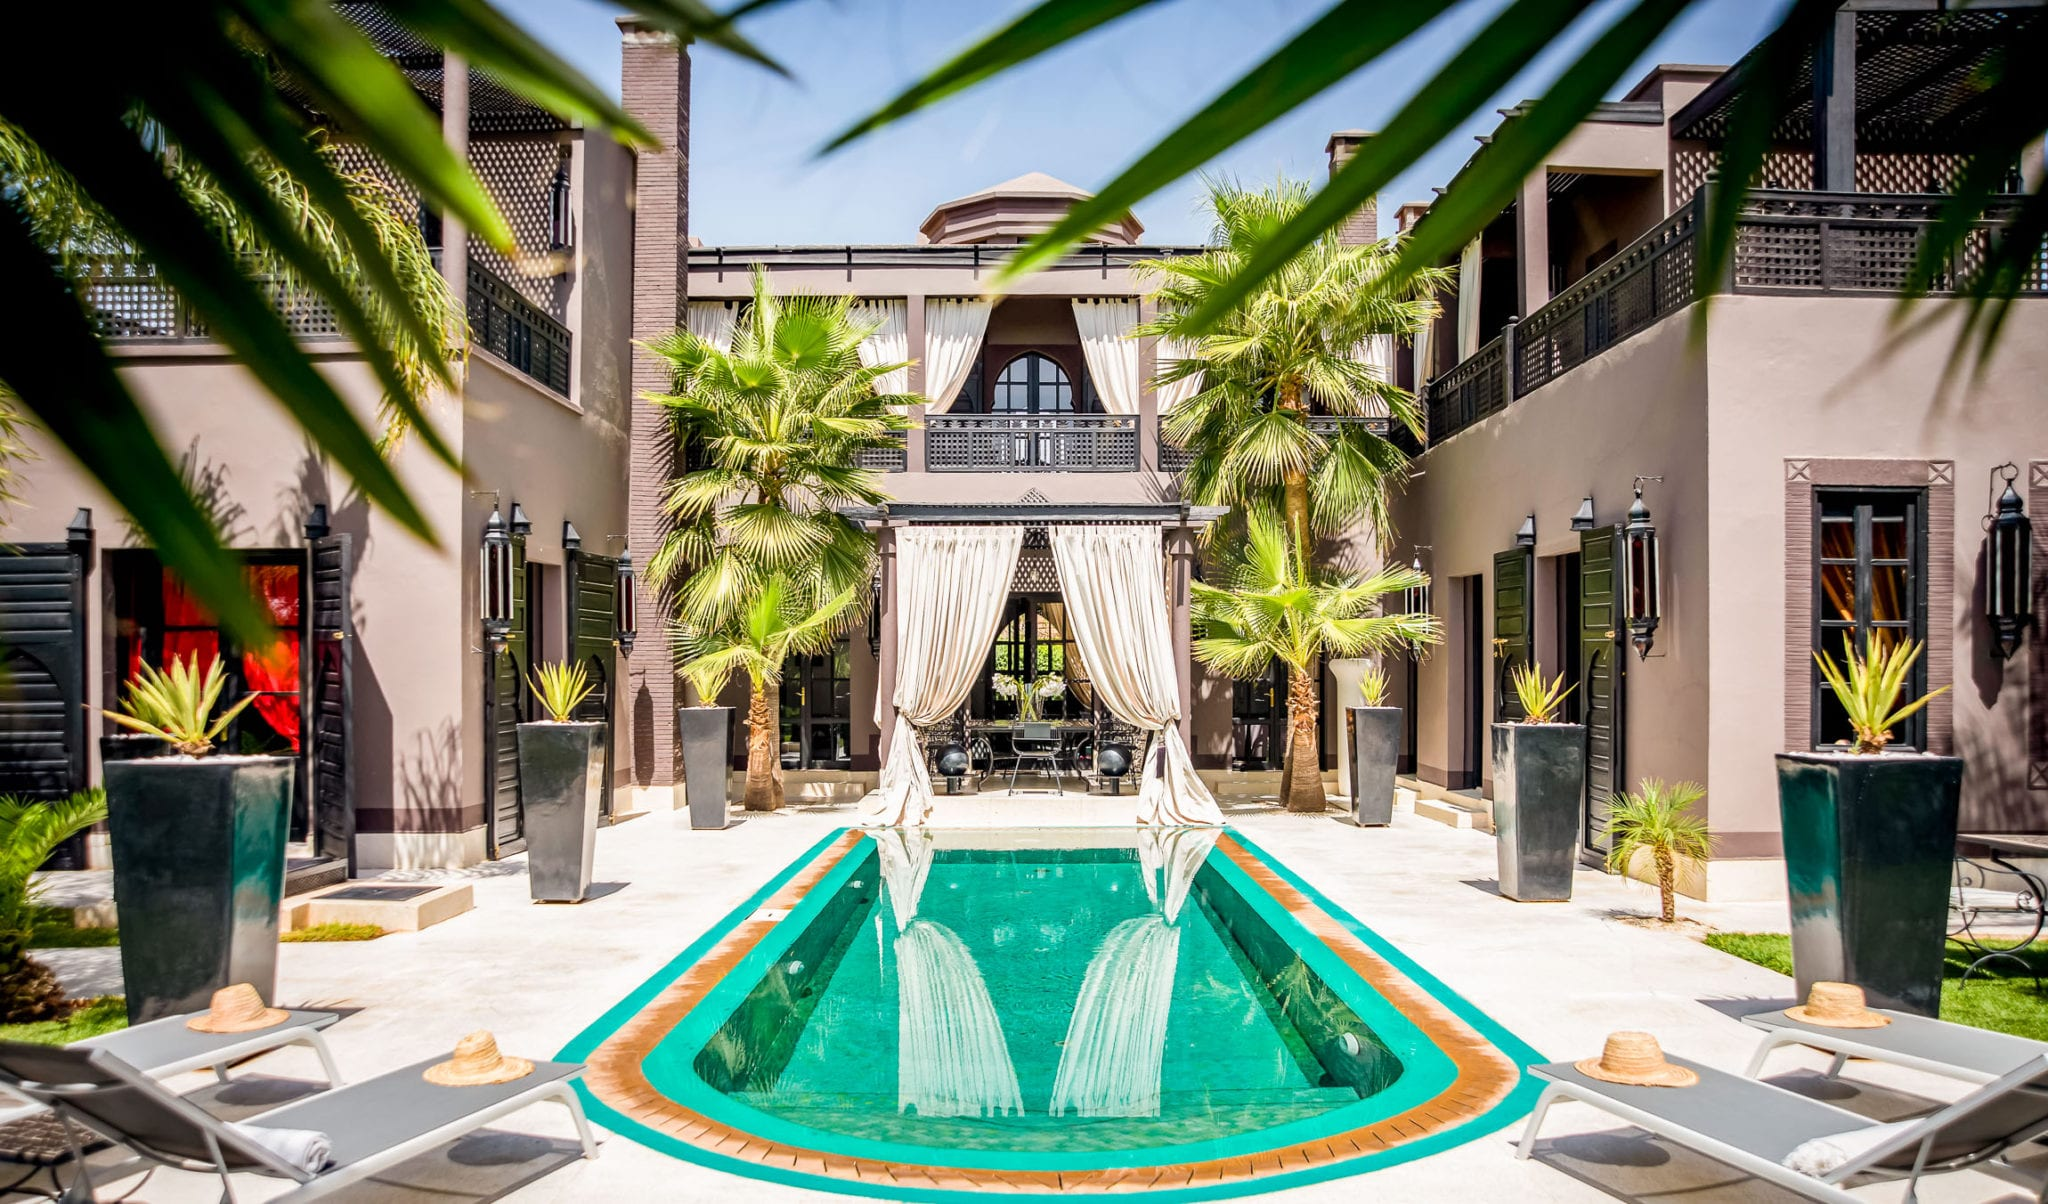 Luxury Retreat Villa in Marrakech, Morocco / 4 Bedroom / 4 Bathrooms & Pool